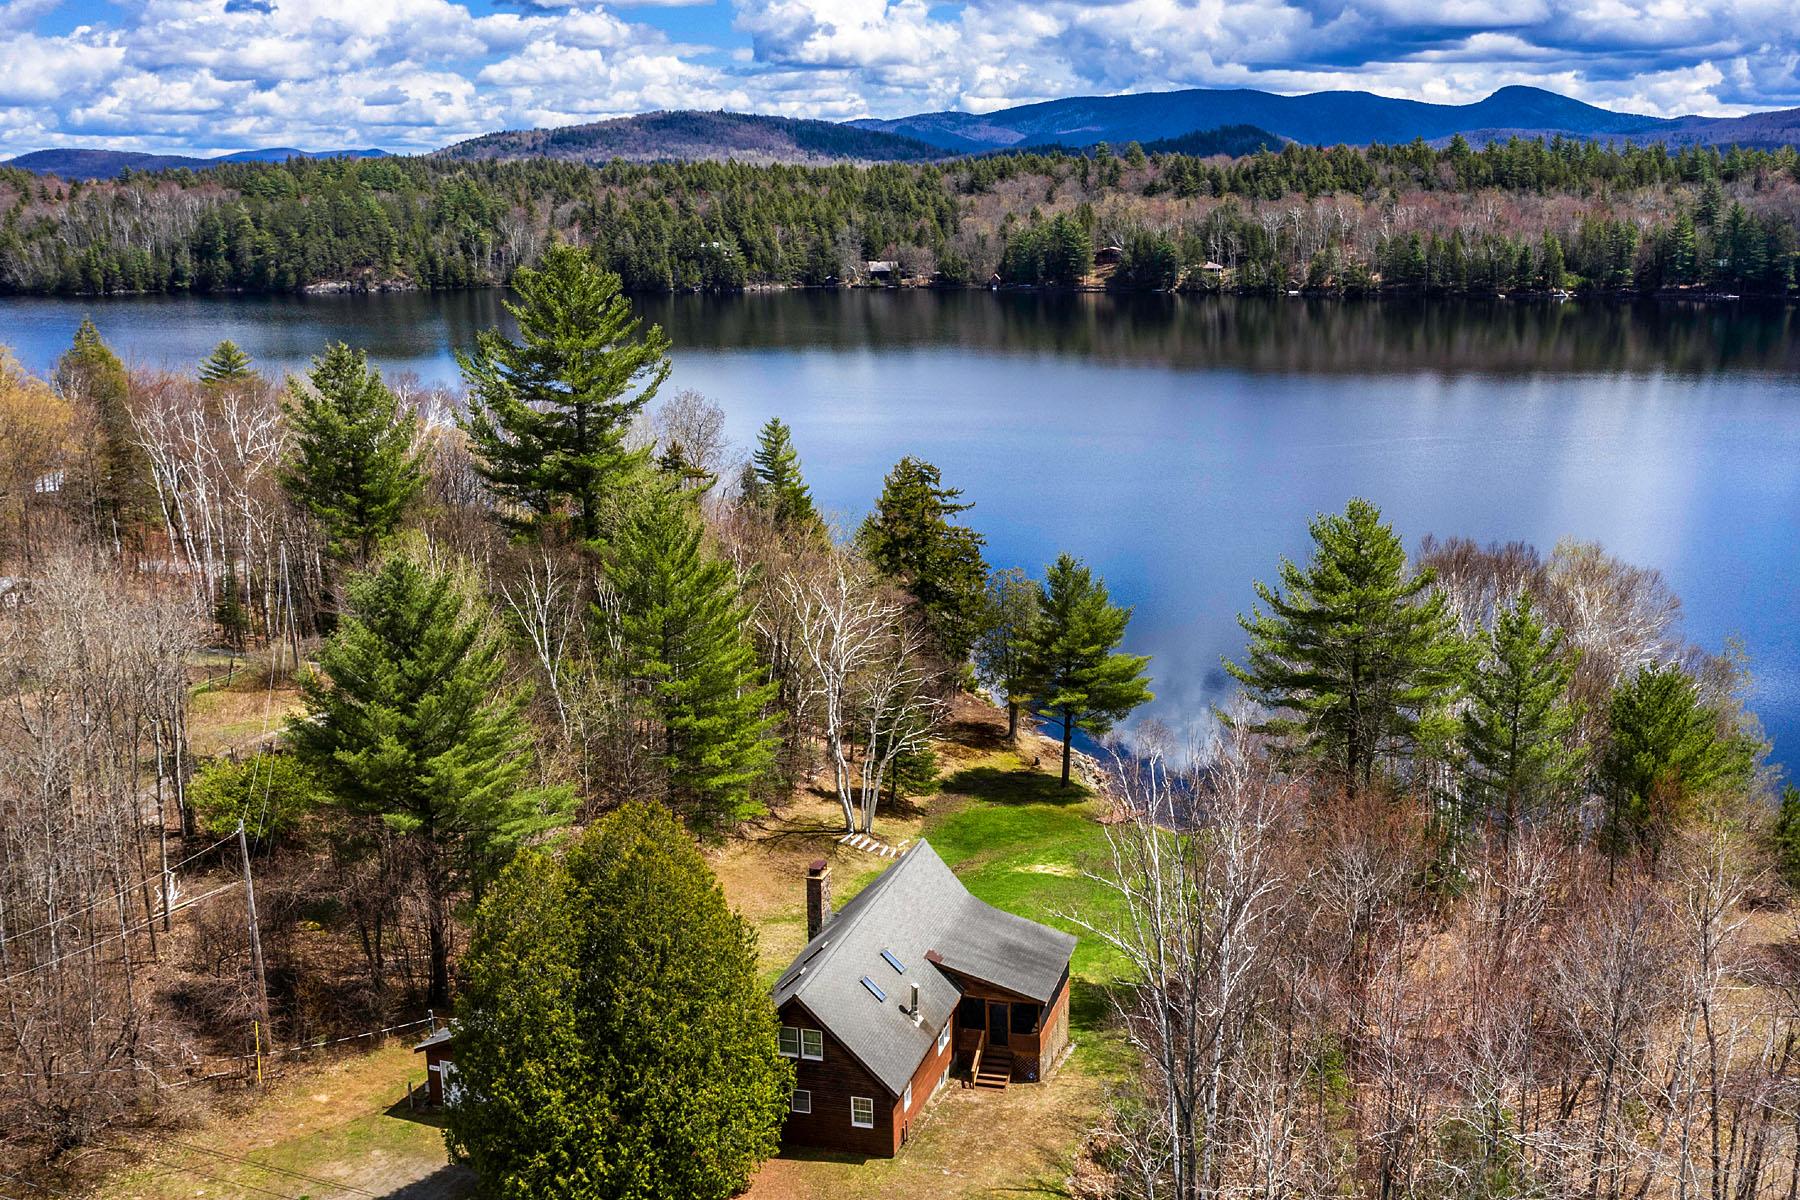 Single Family Homes för Försäljning vid 5644 NYS Rt 30 5644 NYS Route 30, Indian Lake, New York 12842 Förenta staterna